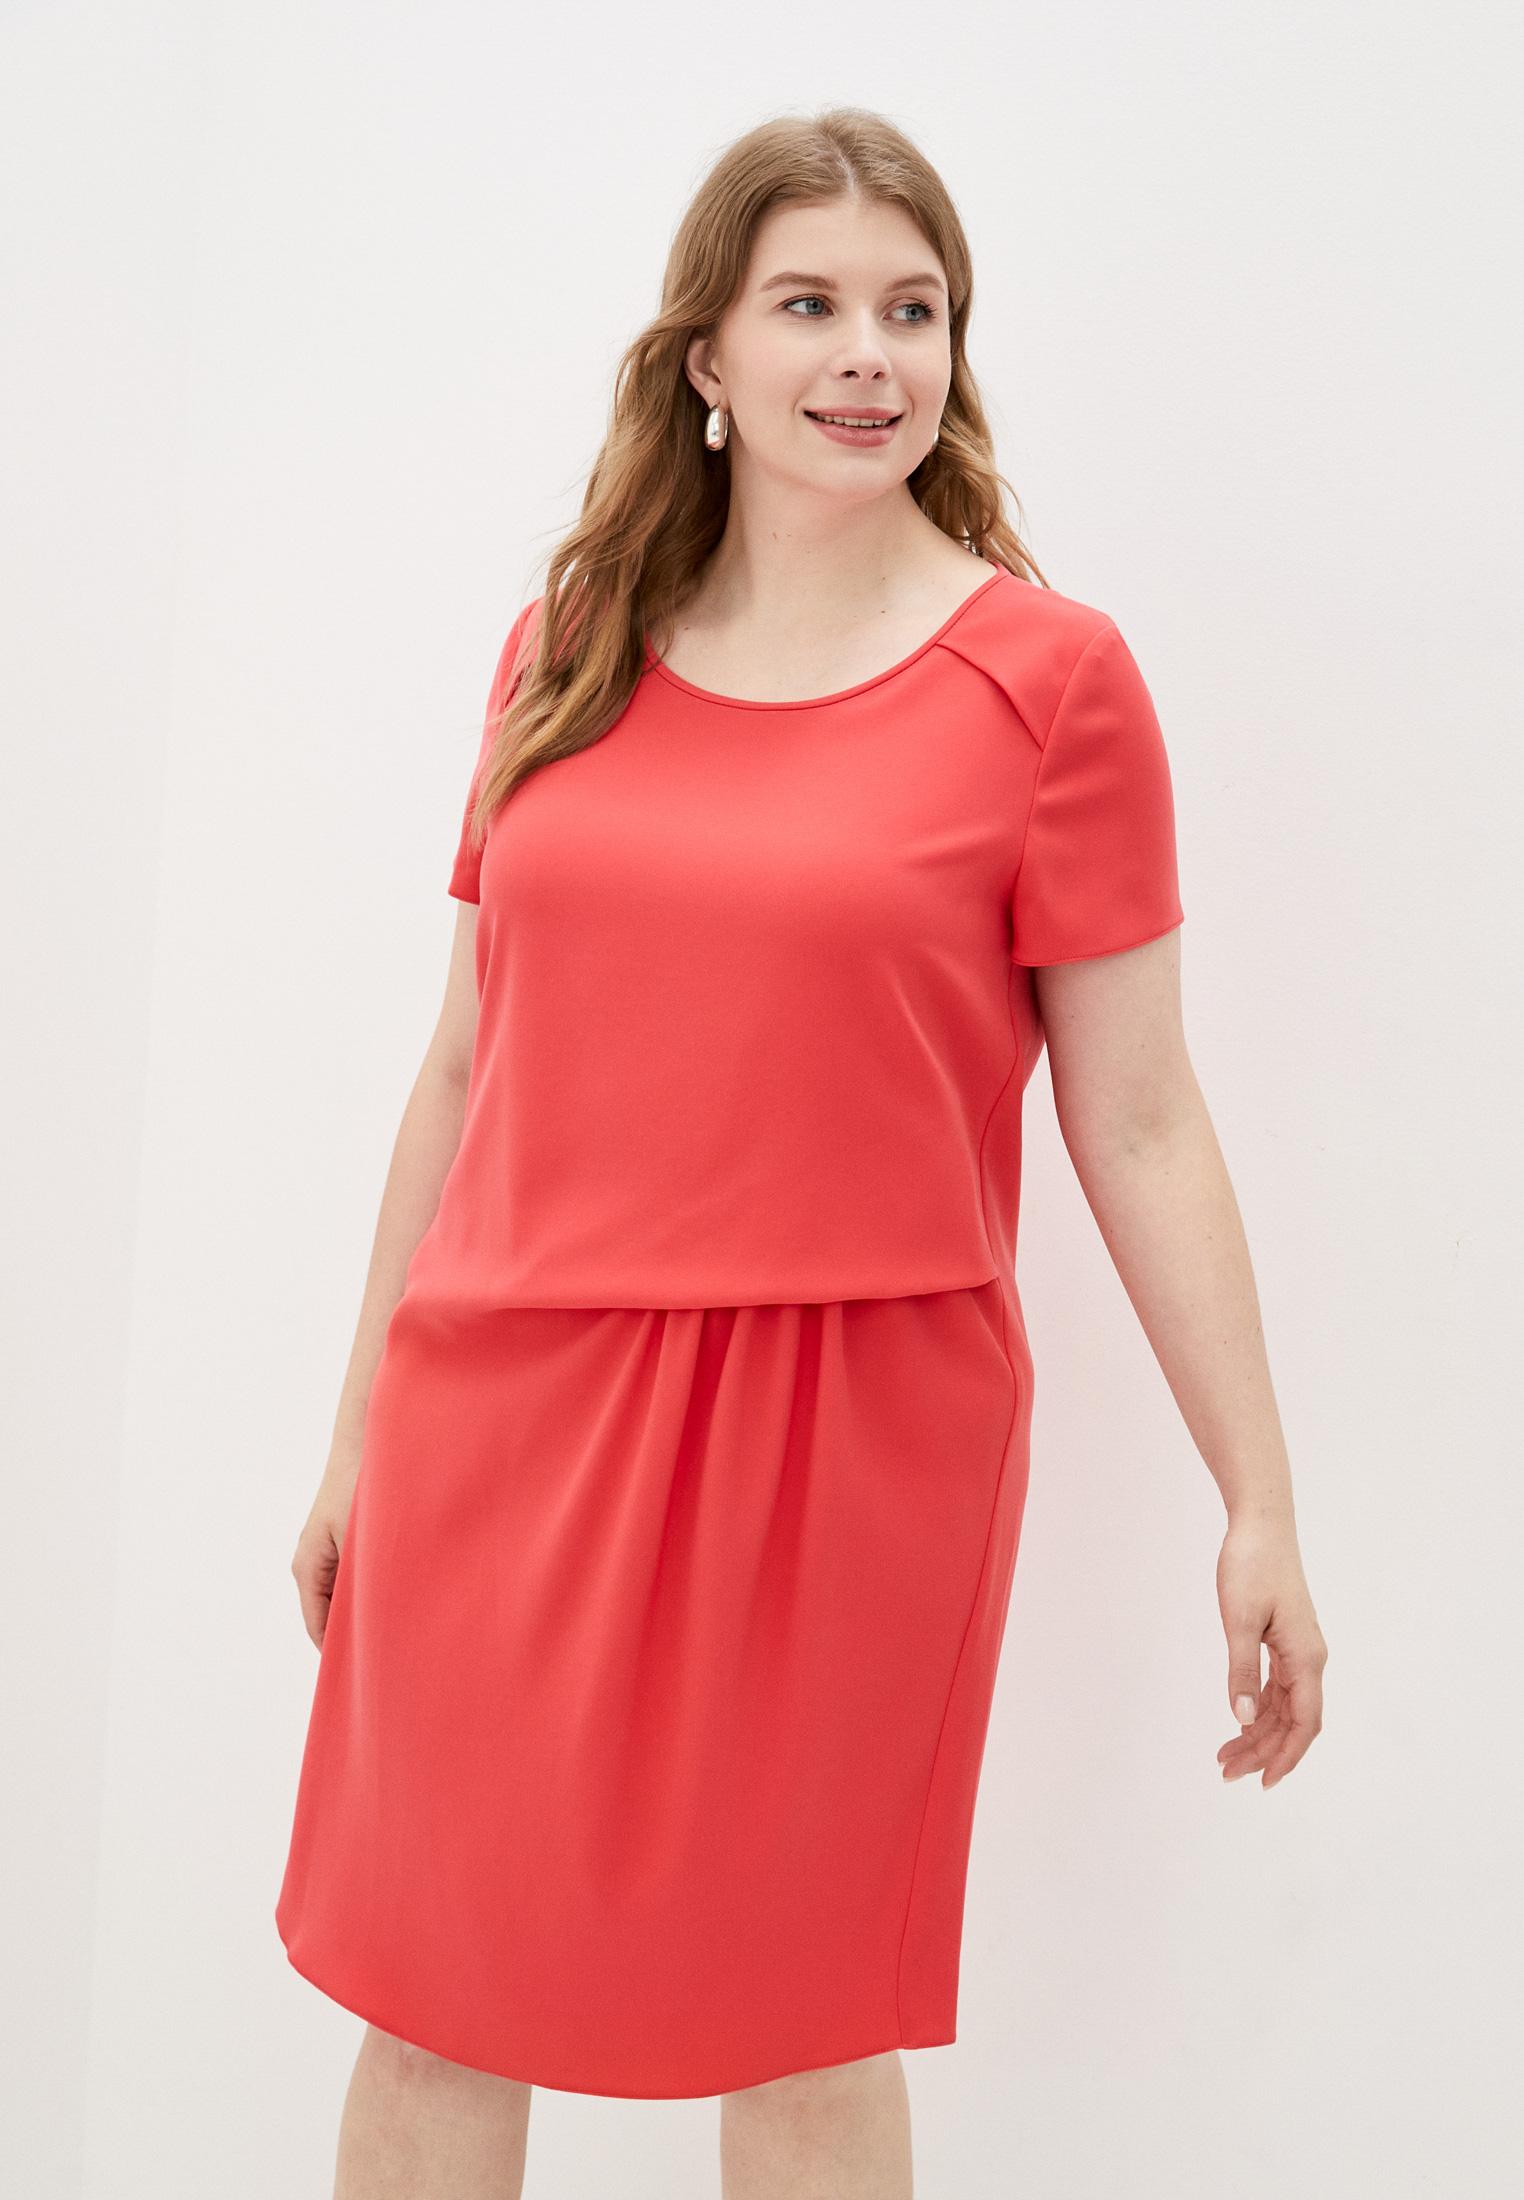 Повседневное платье Emporio Armani Платье Emporio Armani